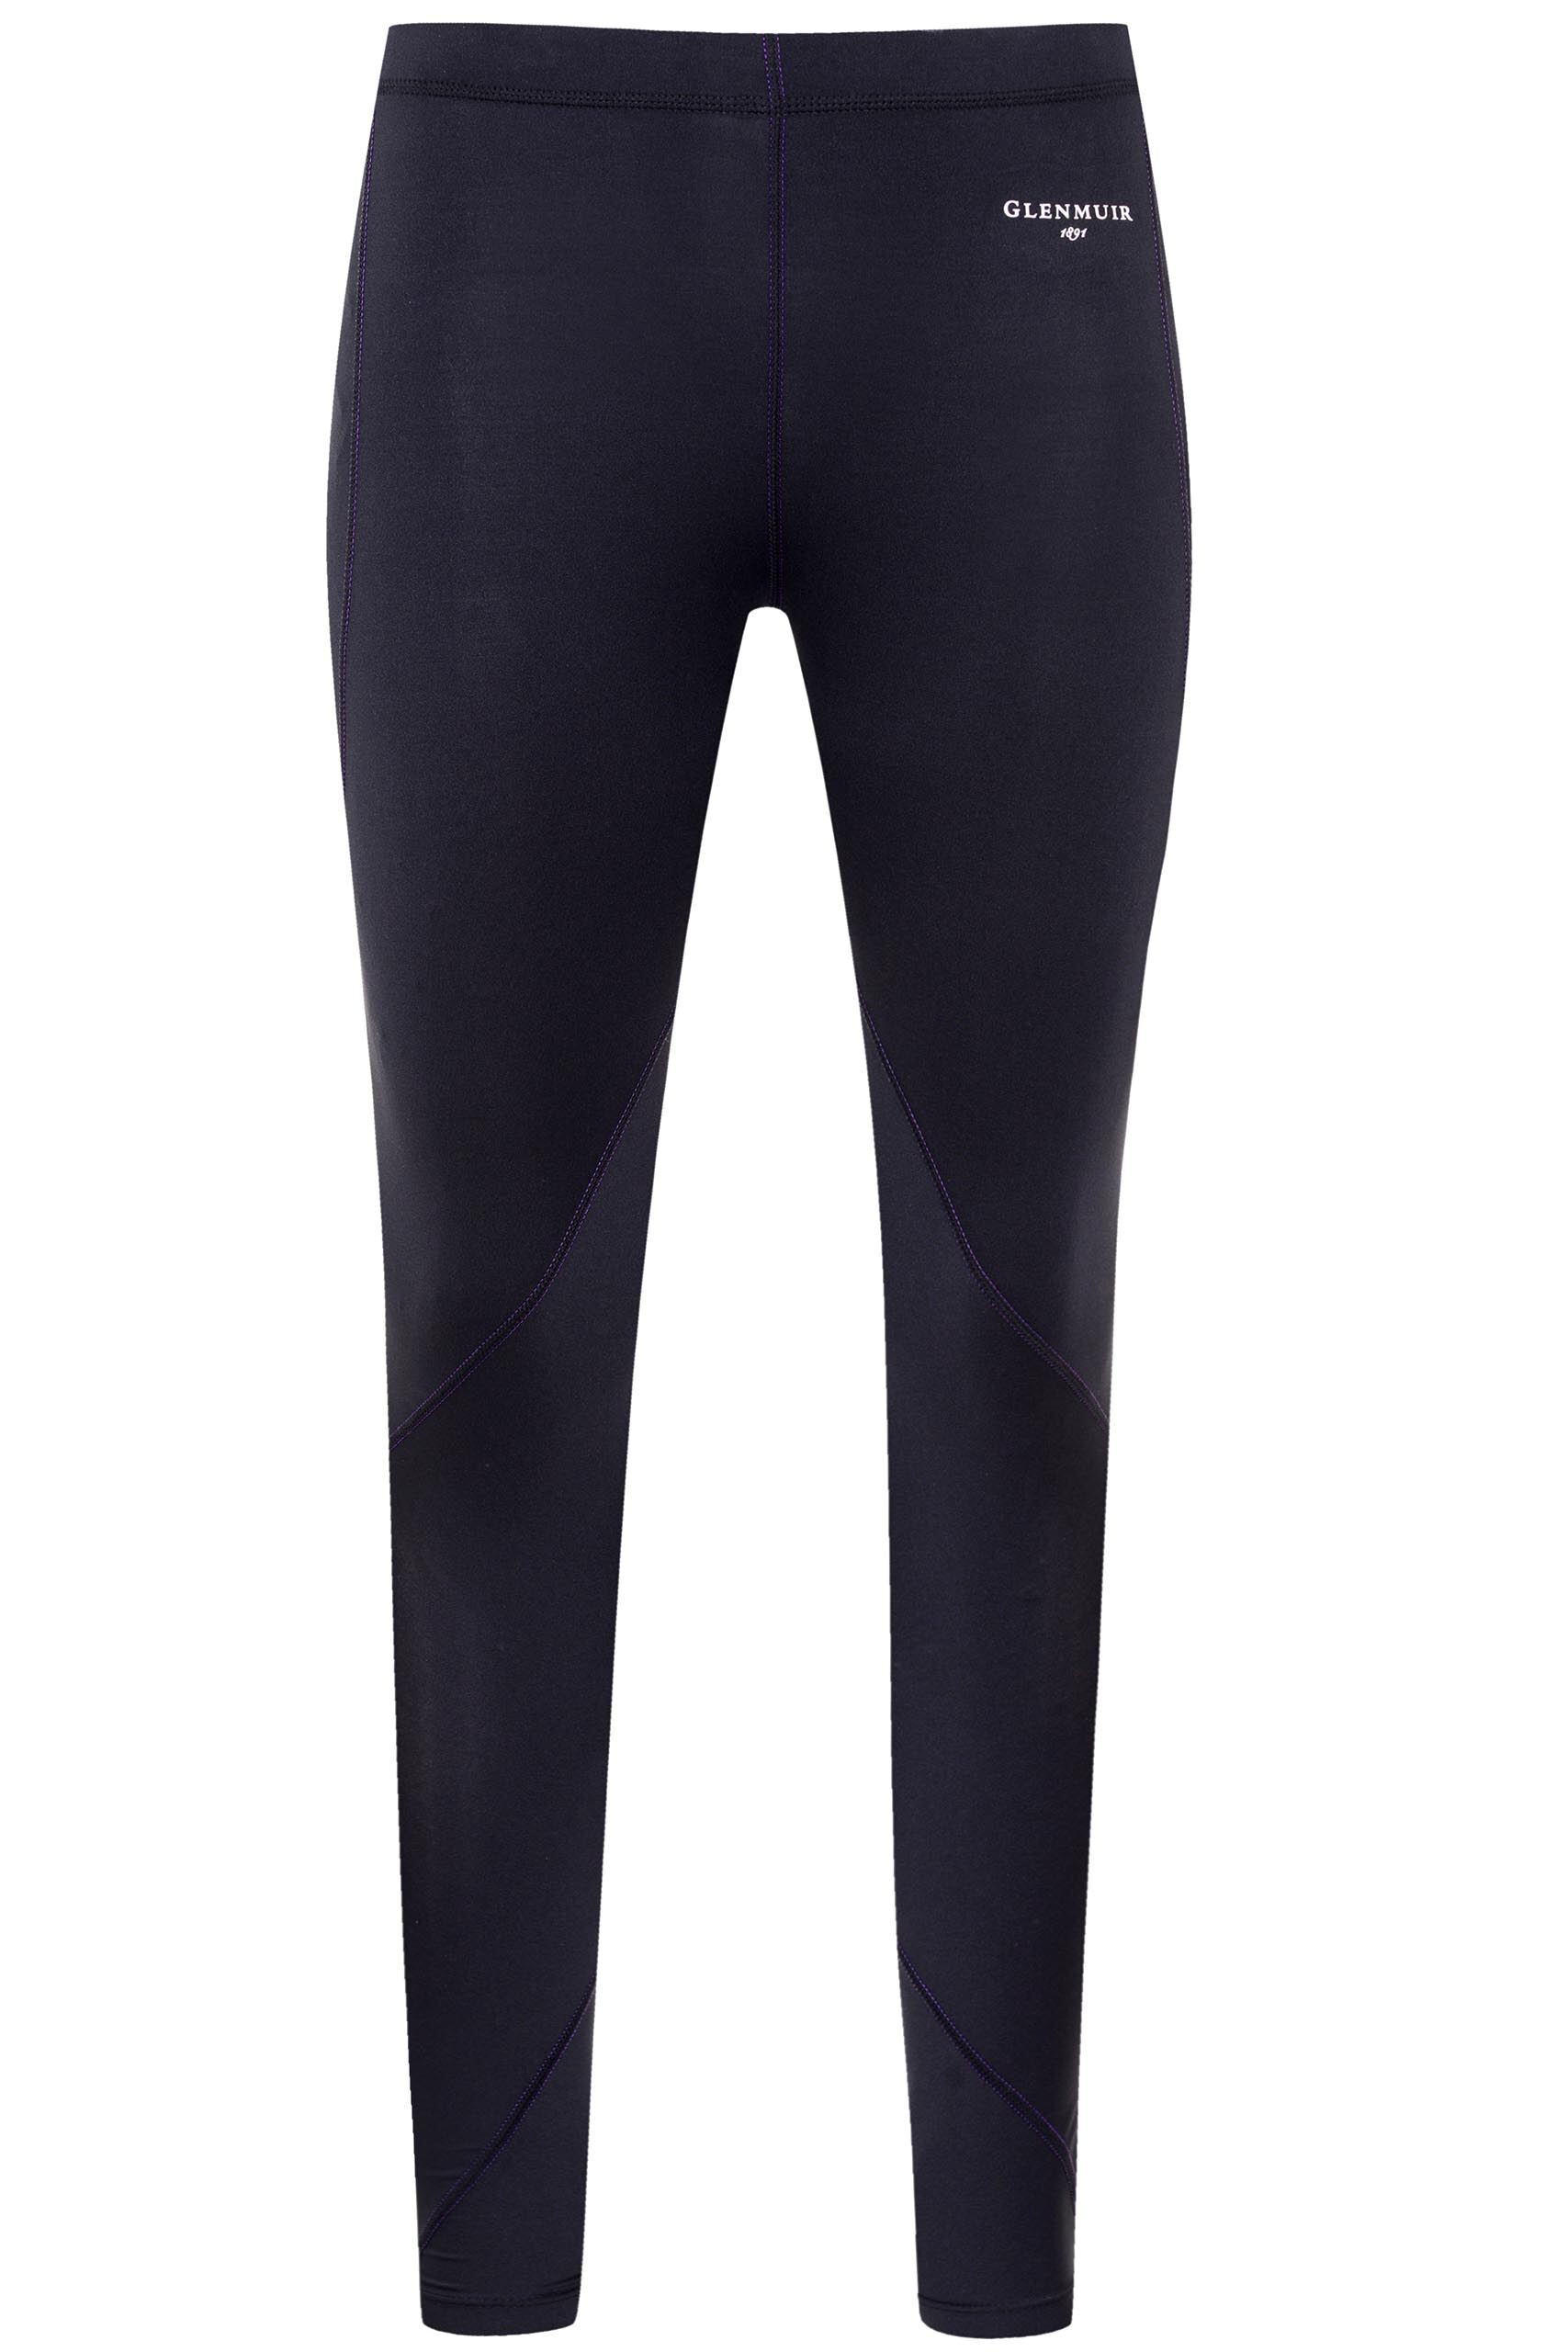 Image of 1 Pack Black Compression Base Layer Leggings Ladies 10-12 Ladies - Glenmuir